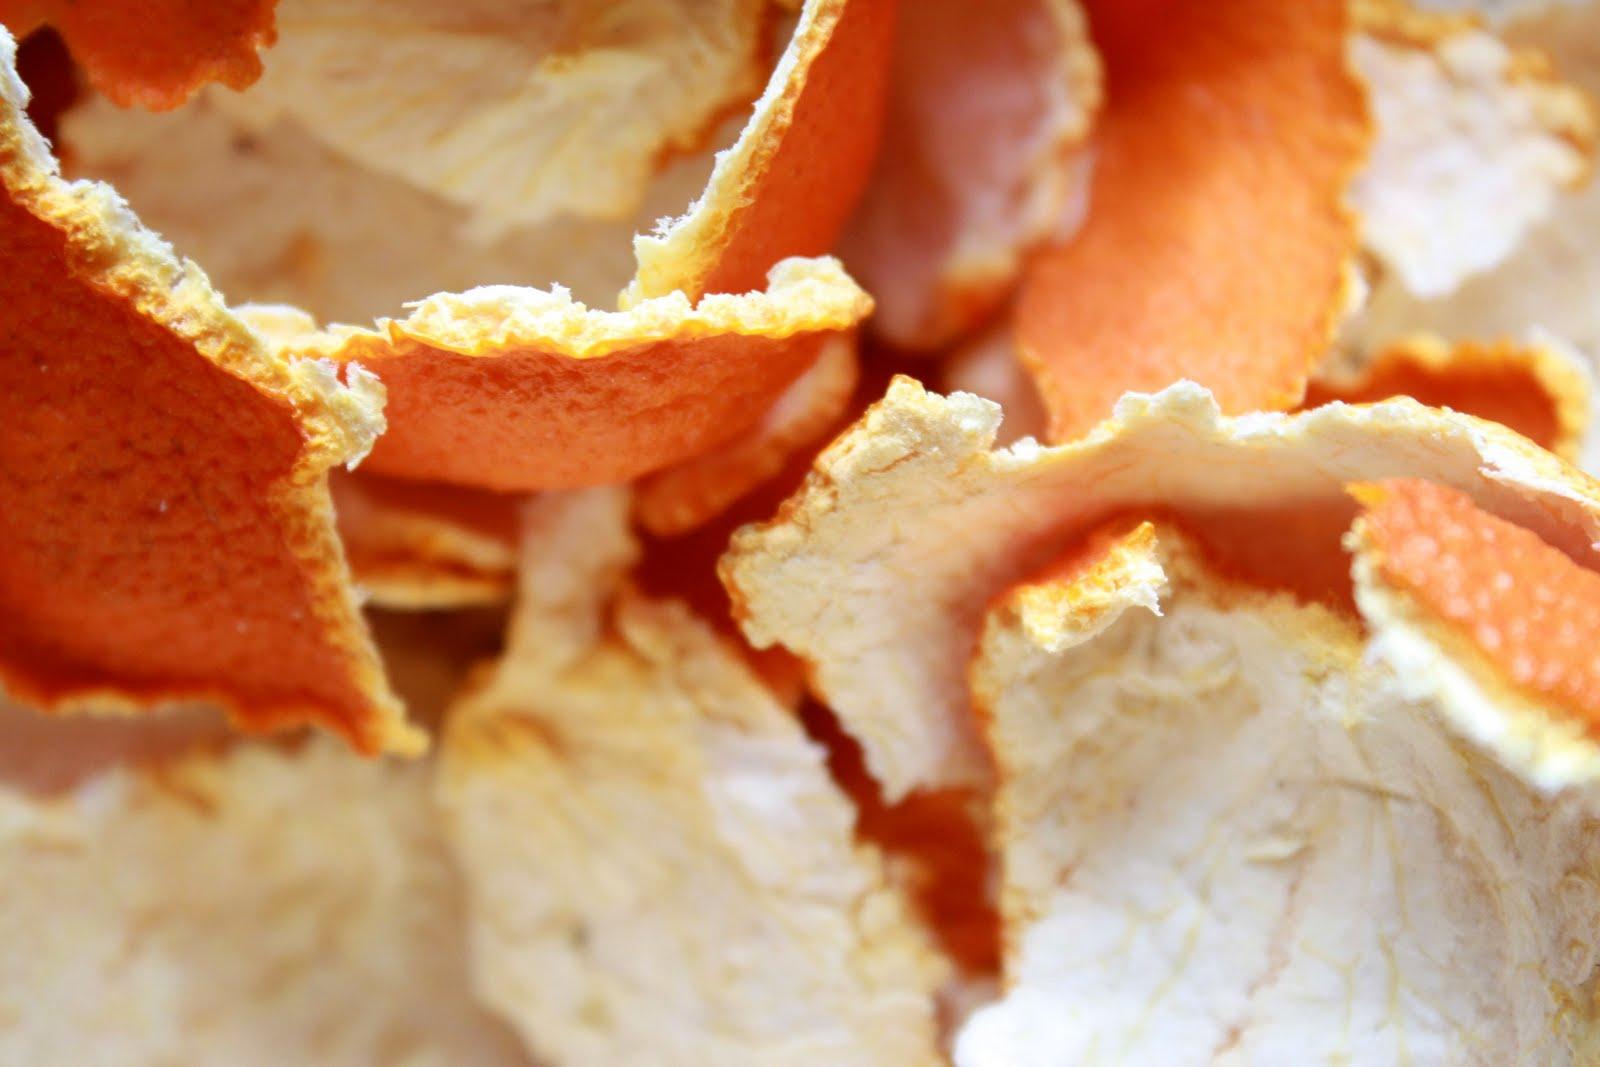 Eating Peel of Orange Orange Peels Have a Potential